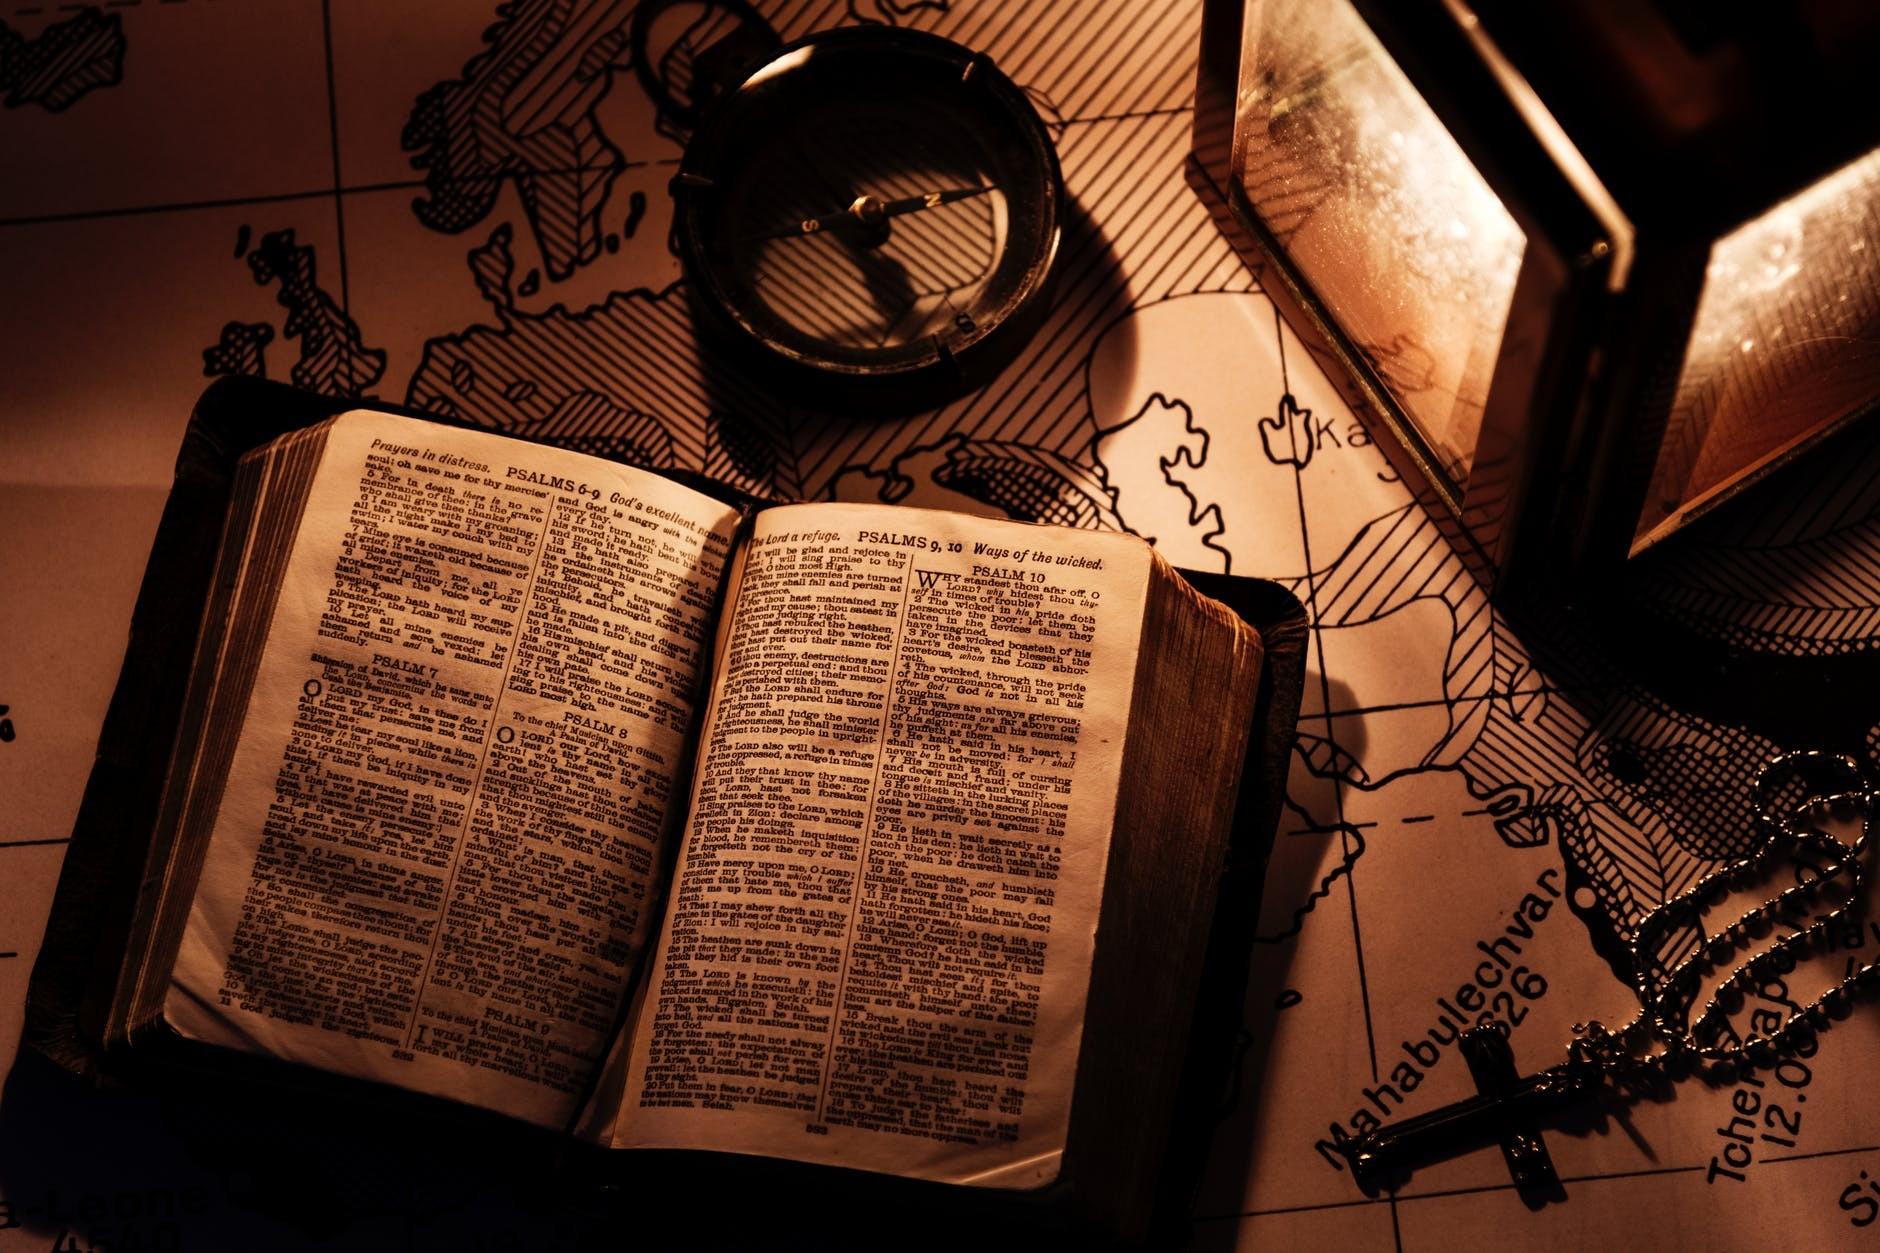 Leerhuis, Bijbellezen met de rabbijnen